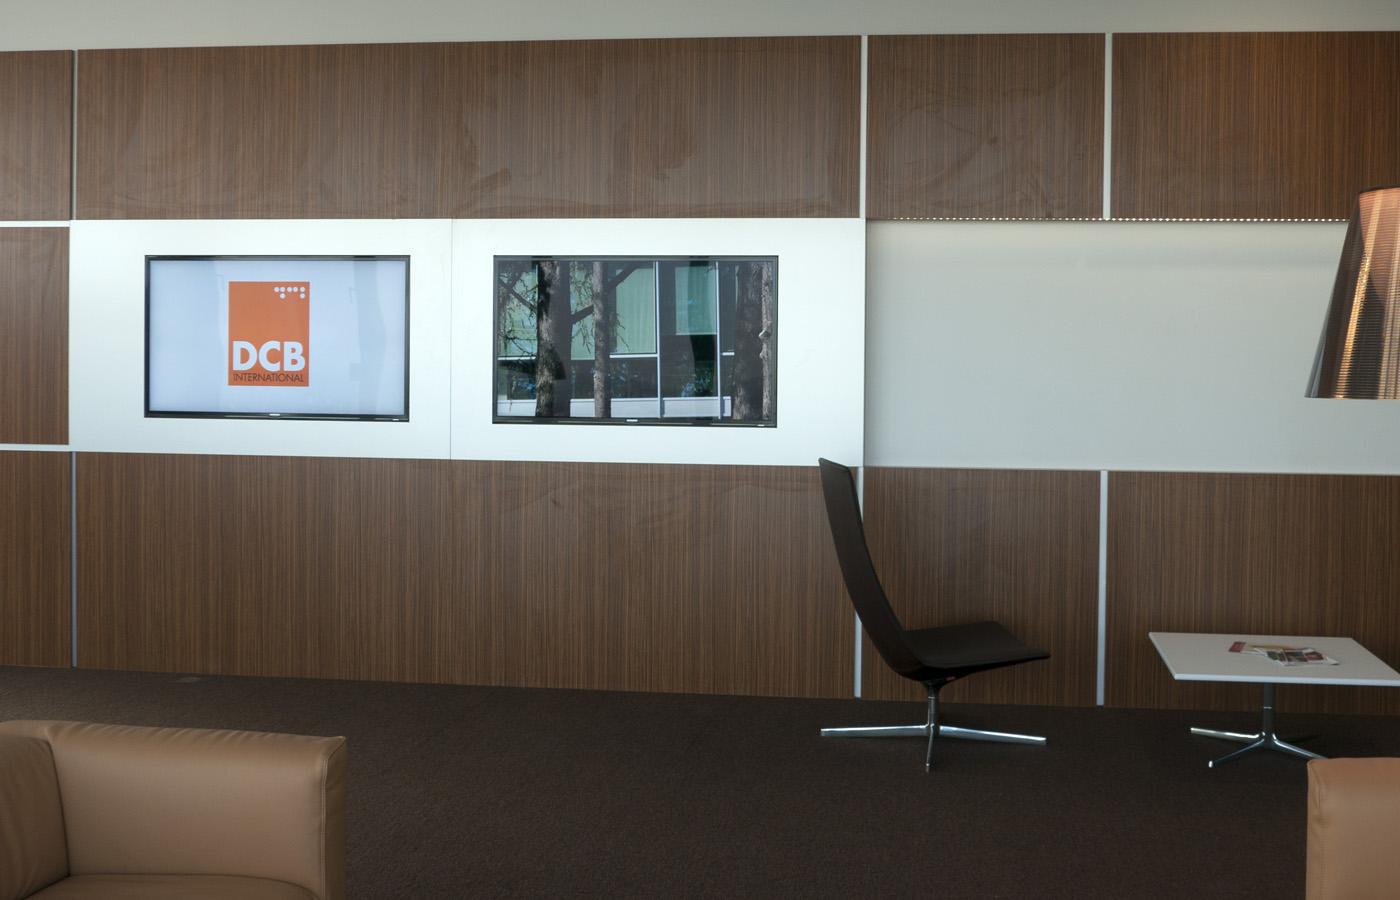 agencement bureaux lyon id e inspirante pour la conception de la maison. Black Bedroom Furniture Sets. Home Design Ideas